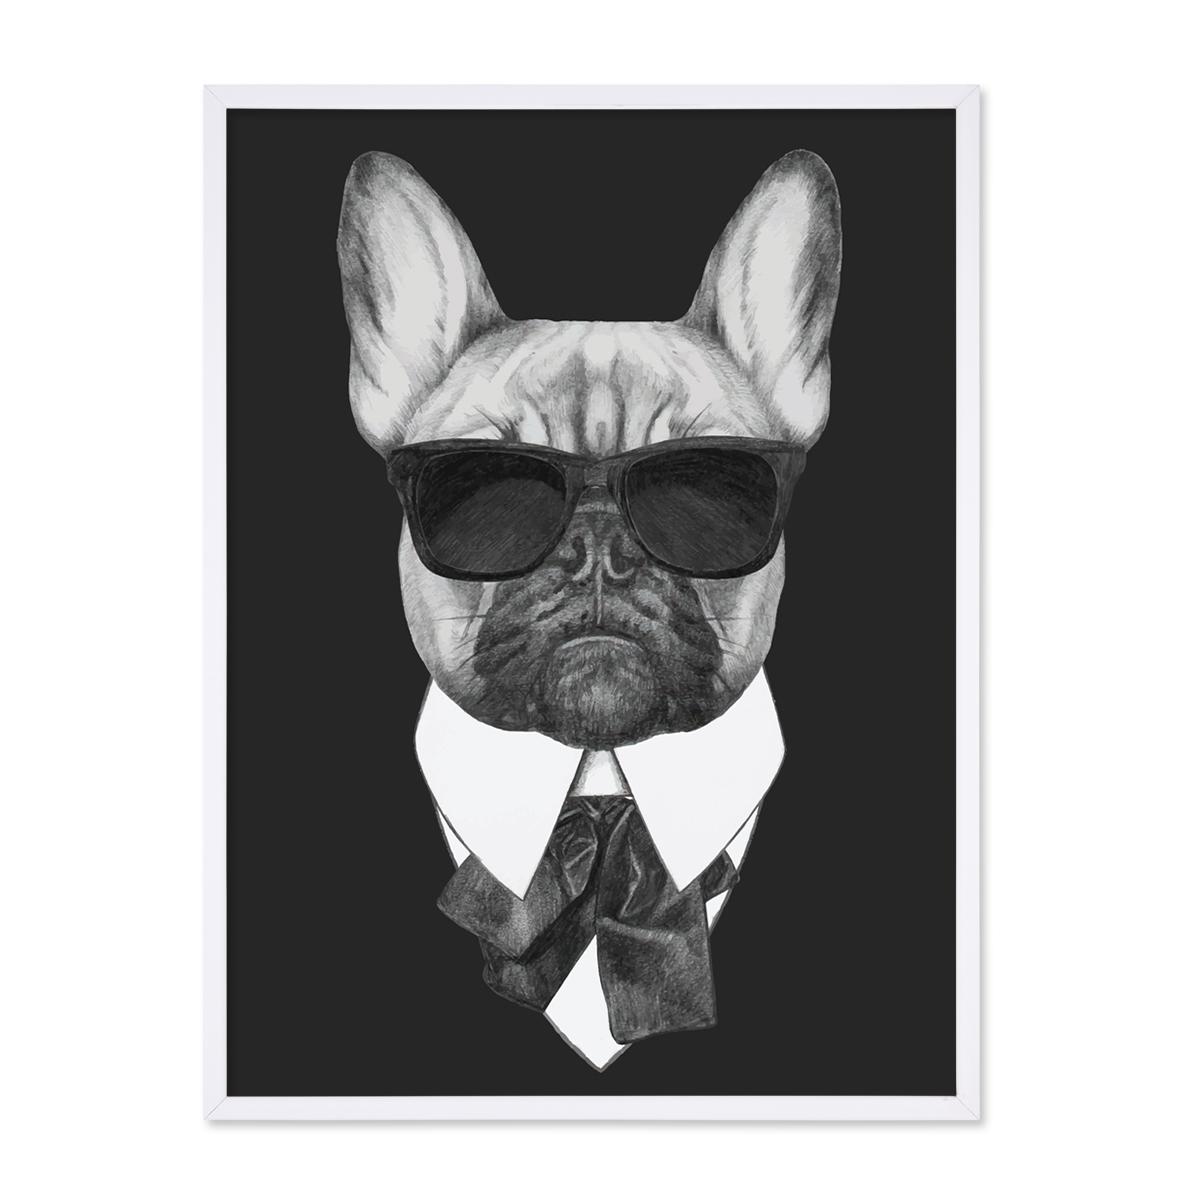 Poster Bulldogge 30x40 Cm Schwarz Weiss Motiv Hund Mops Zeichnung